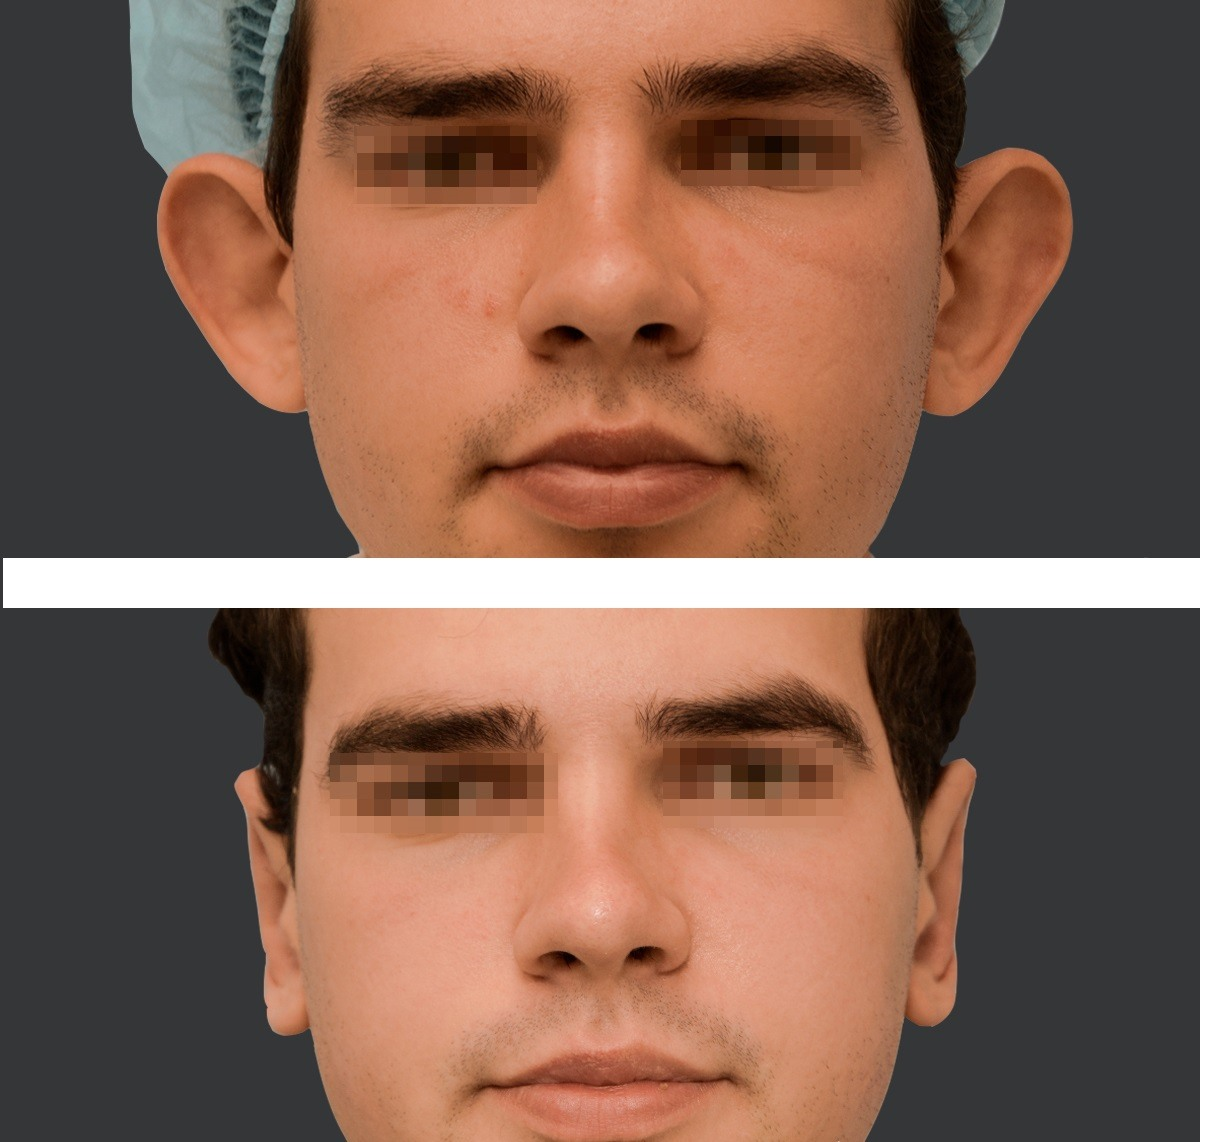 Efekt zabiegu odstających uszu czwarty